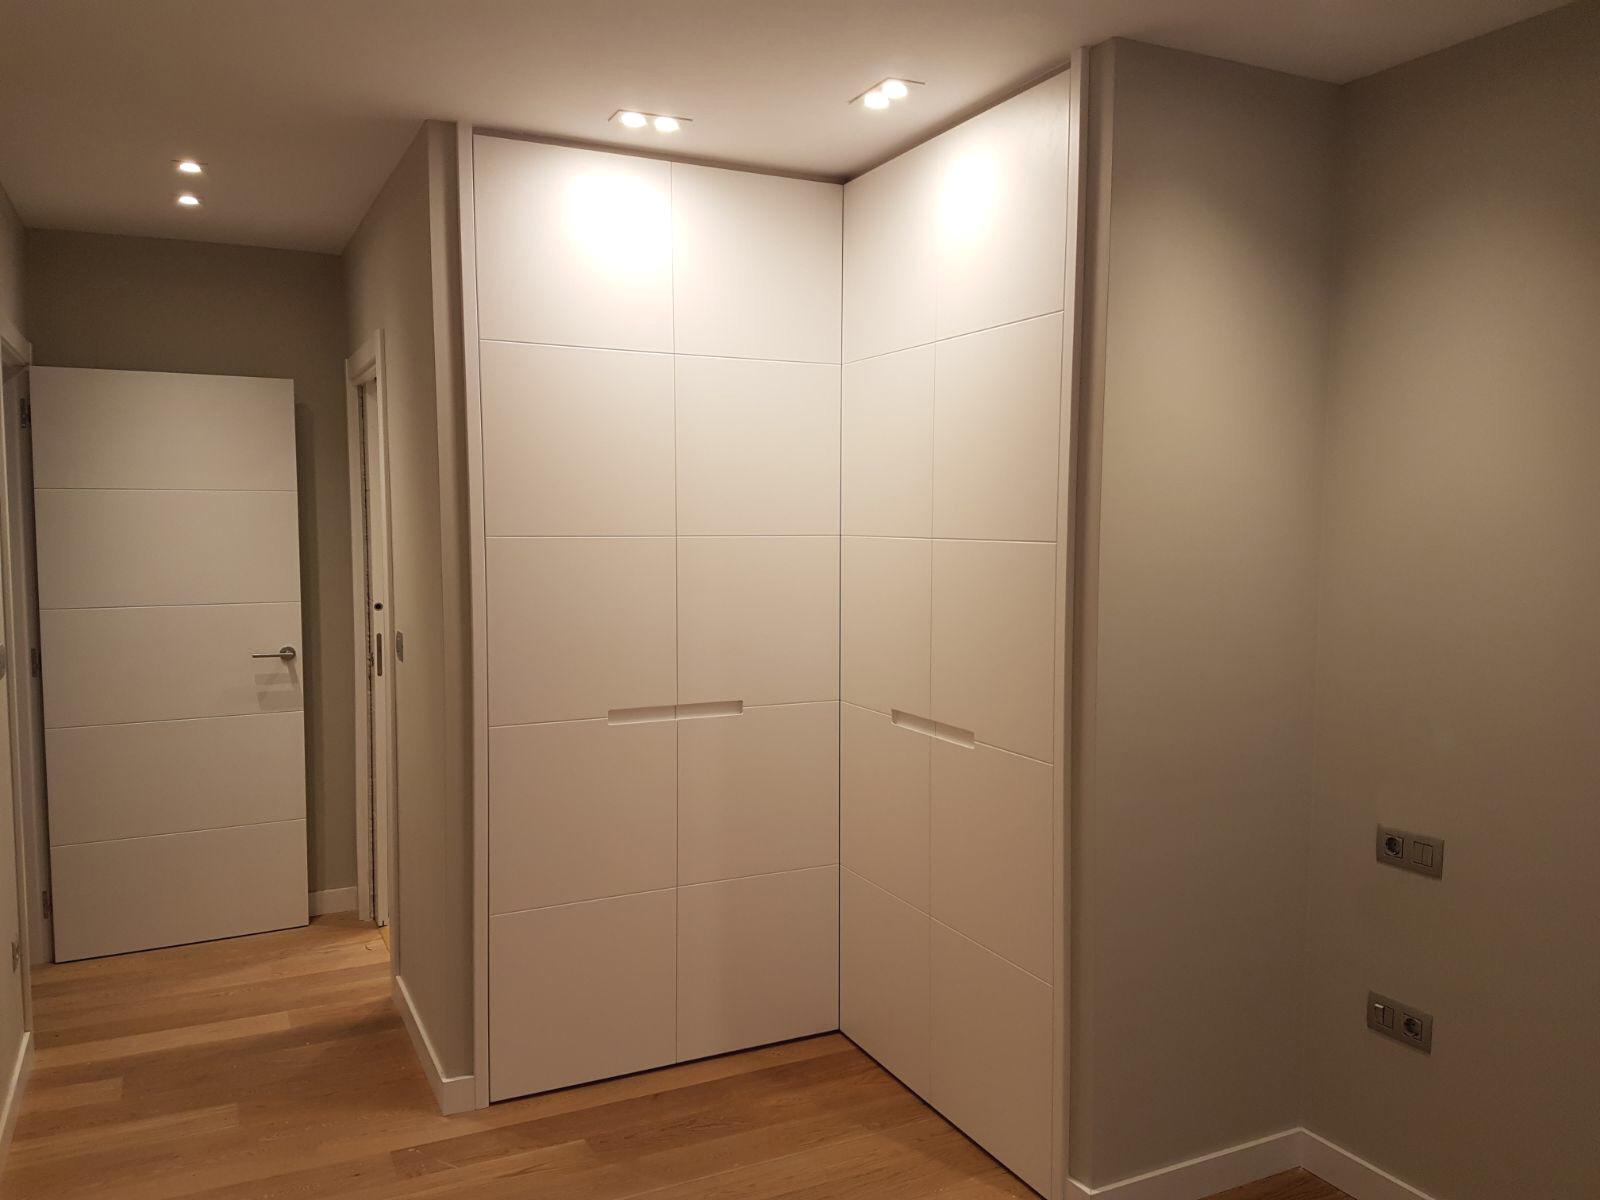 armario lacado escamoteable arnit